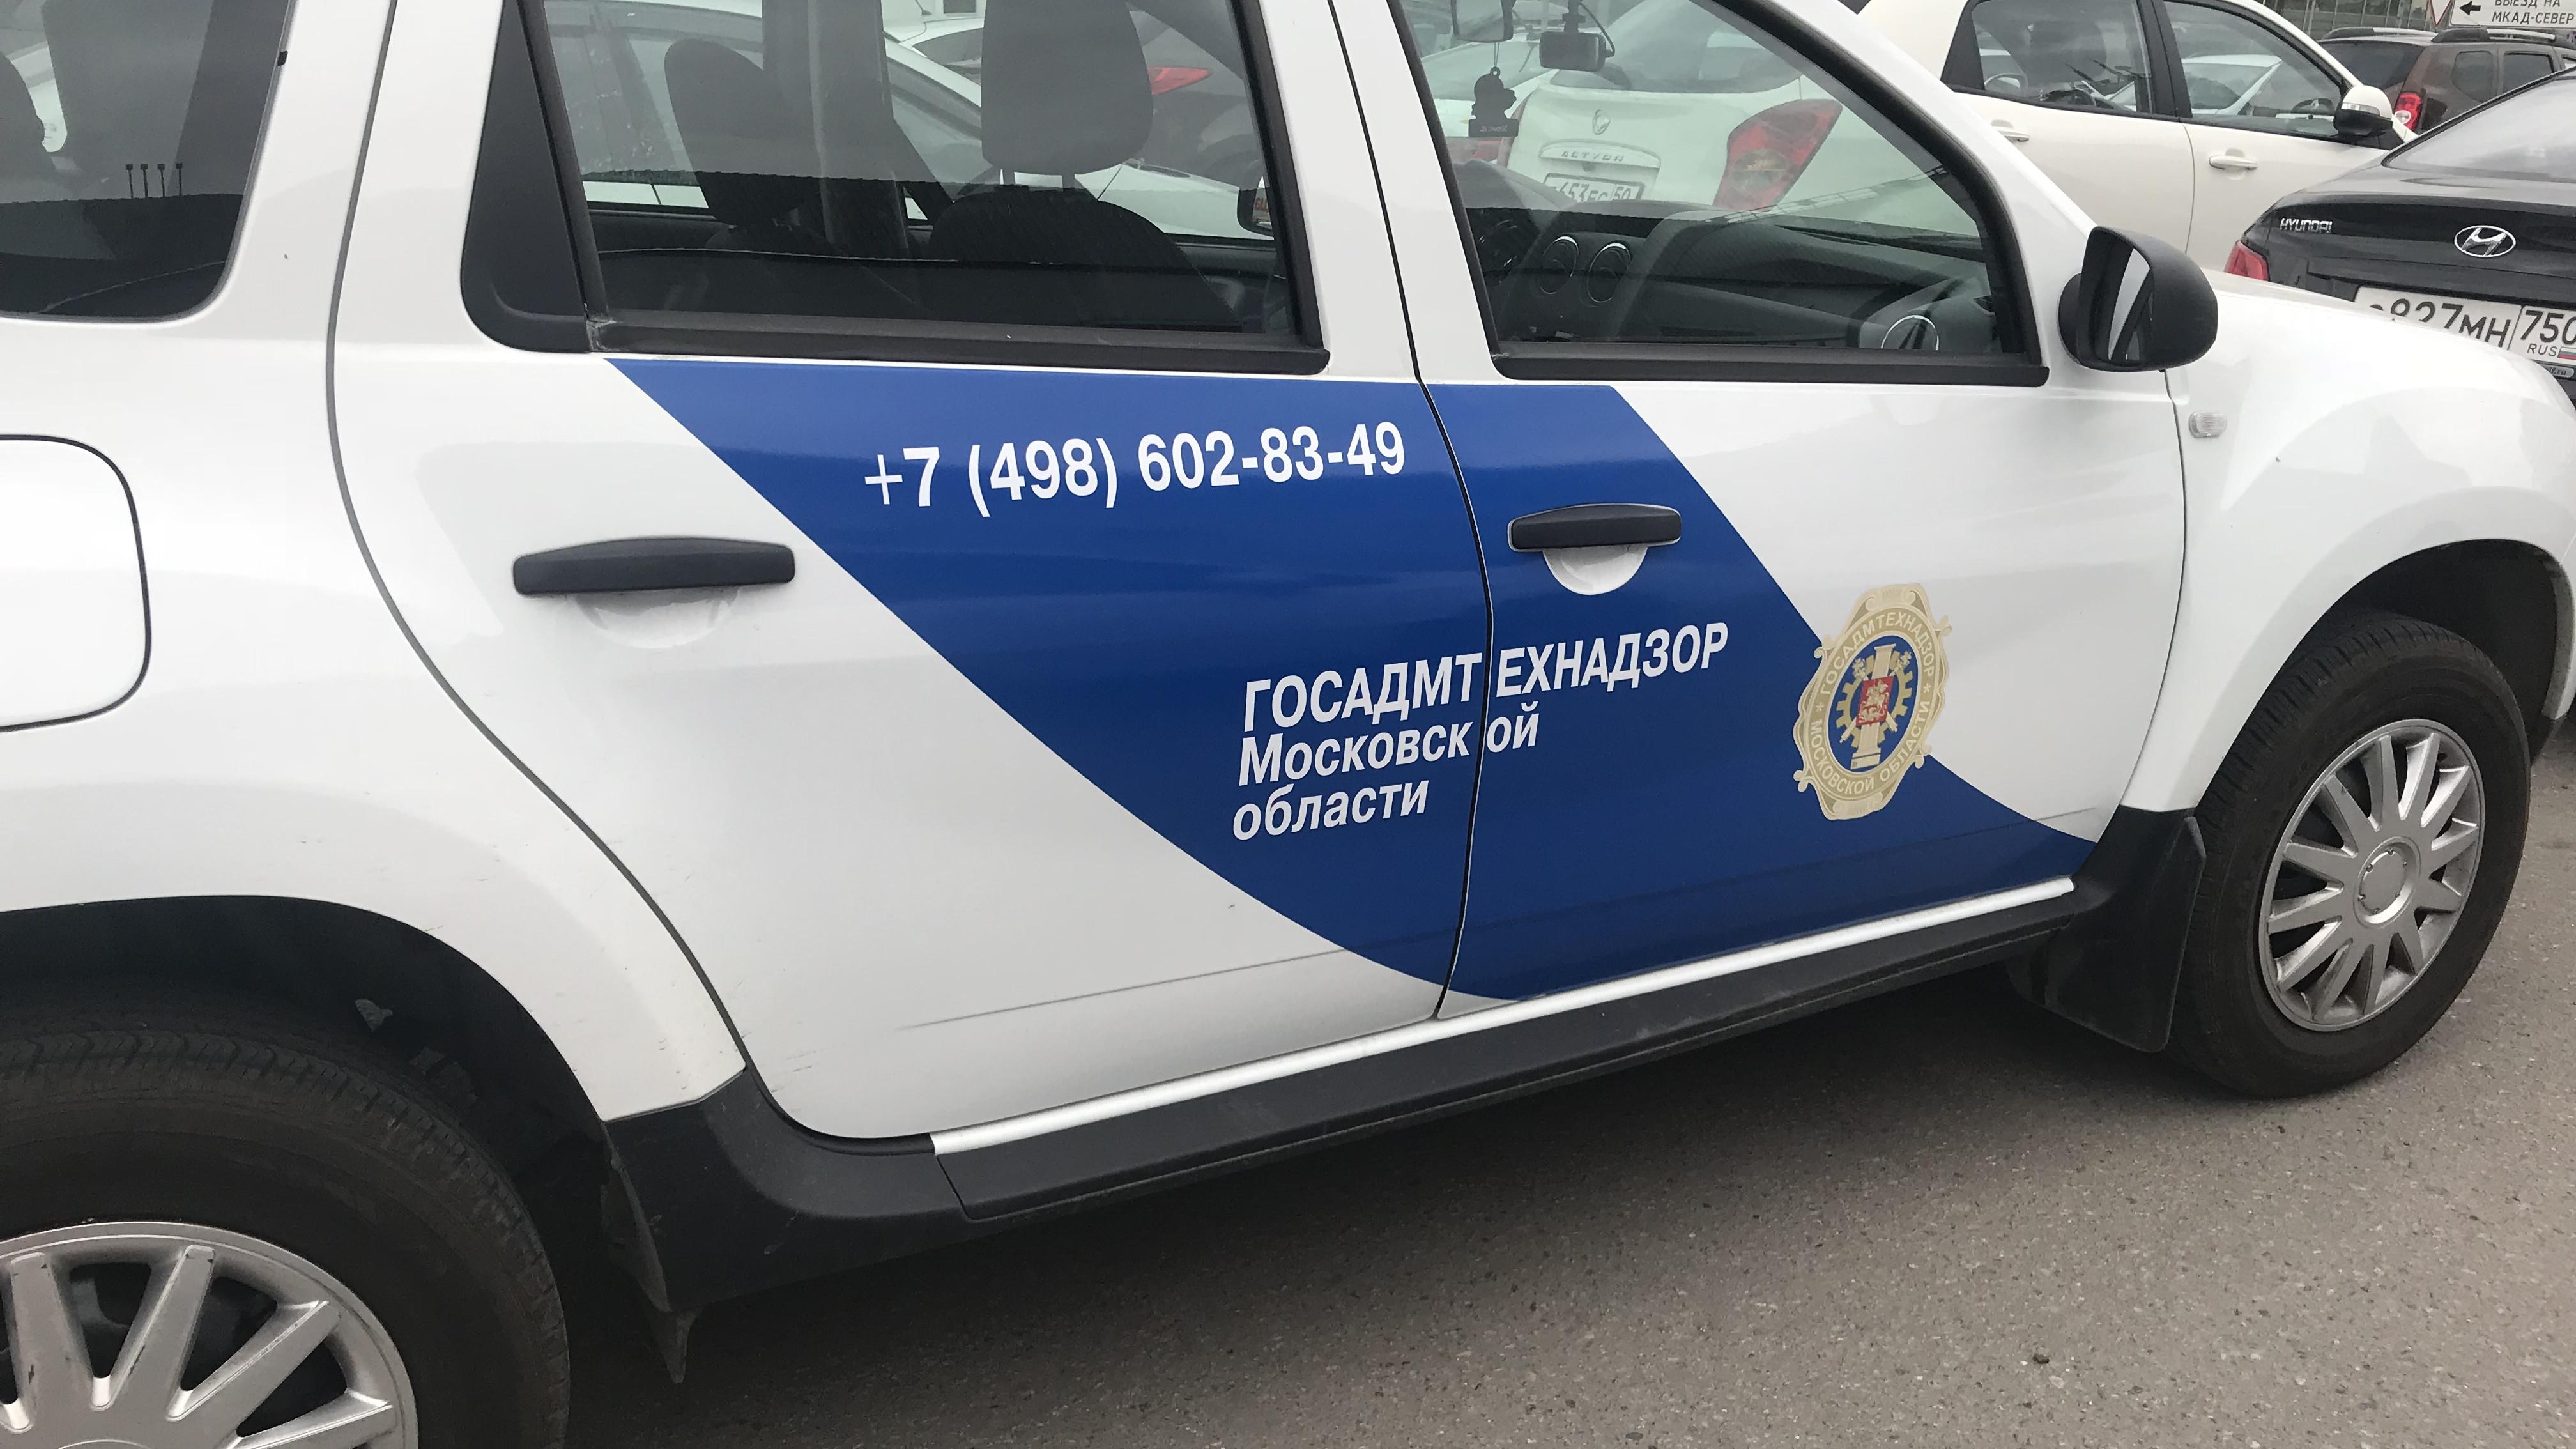 Более 430 нарушений чистоты устранили в Подмосковье за неделю